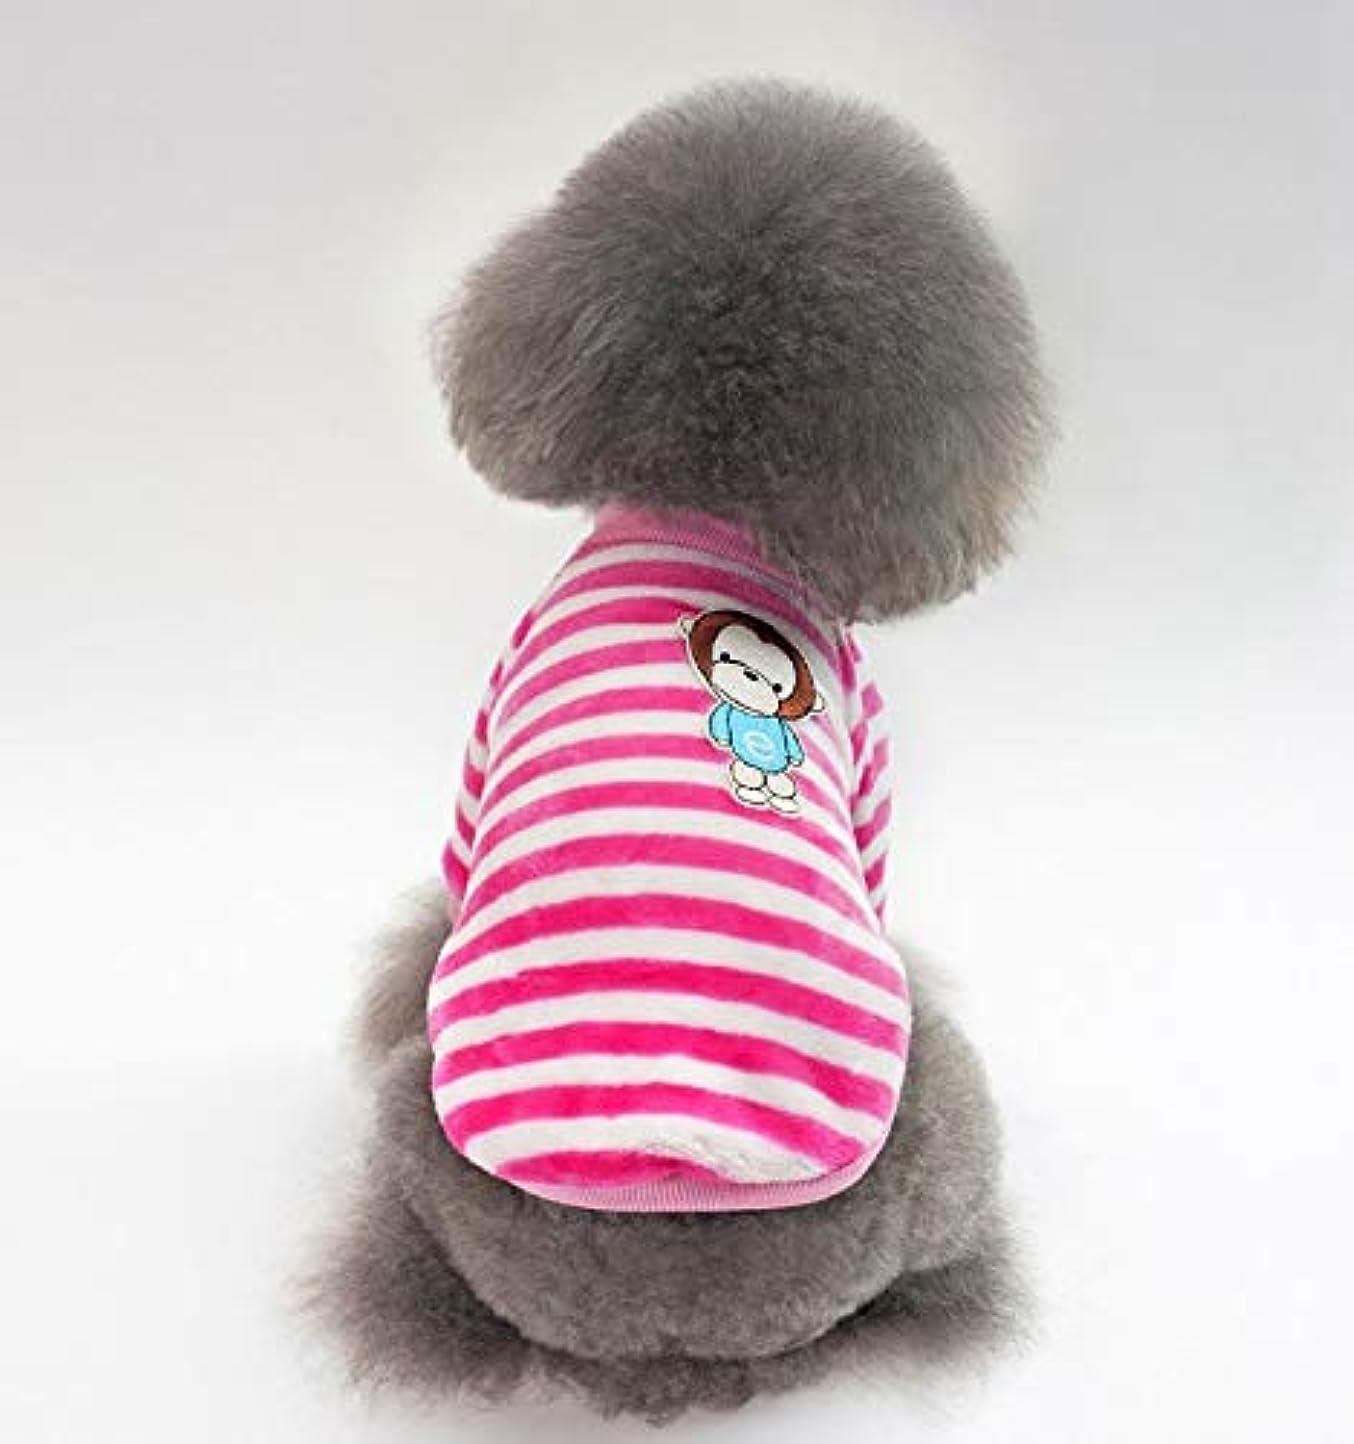 面エキスパート代数SfHx ペットの猫と犬の服、秋と冬の暖かくて快適な服のジャケット、ローズレッドストライプ漫画モンキーセーター (Size : S)